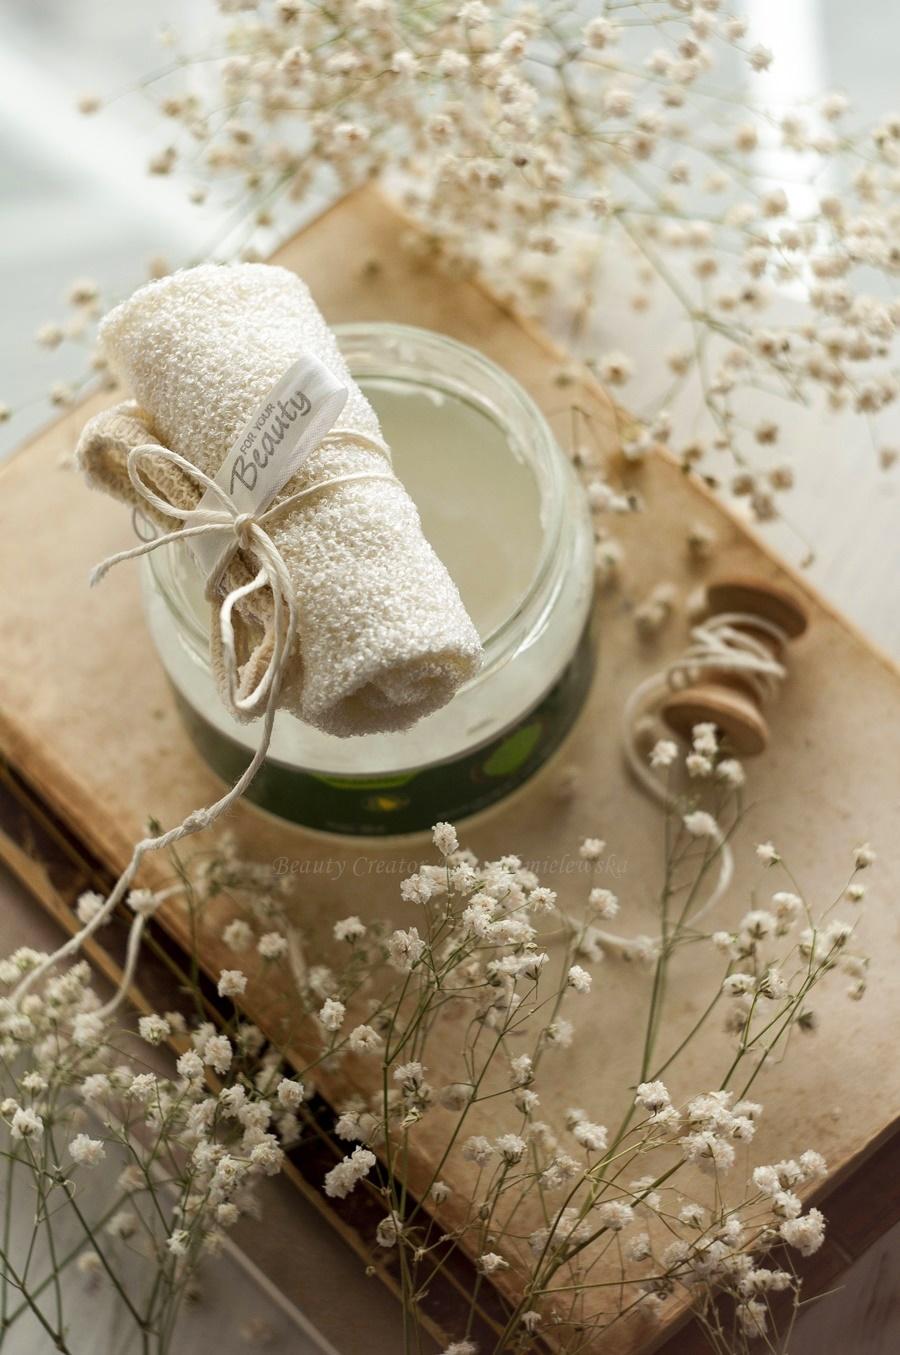 oczyszczanie twarzy olejami, olej kokosowy, pielęgnacja twarzy,